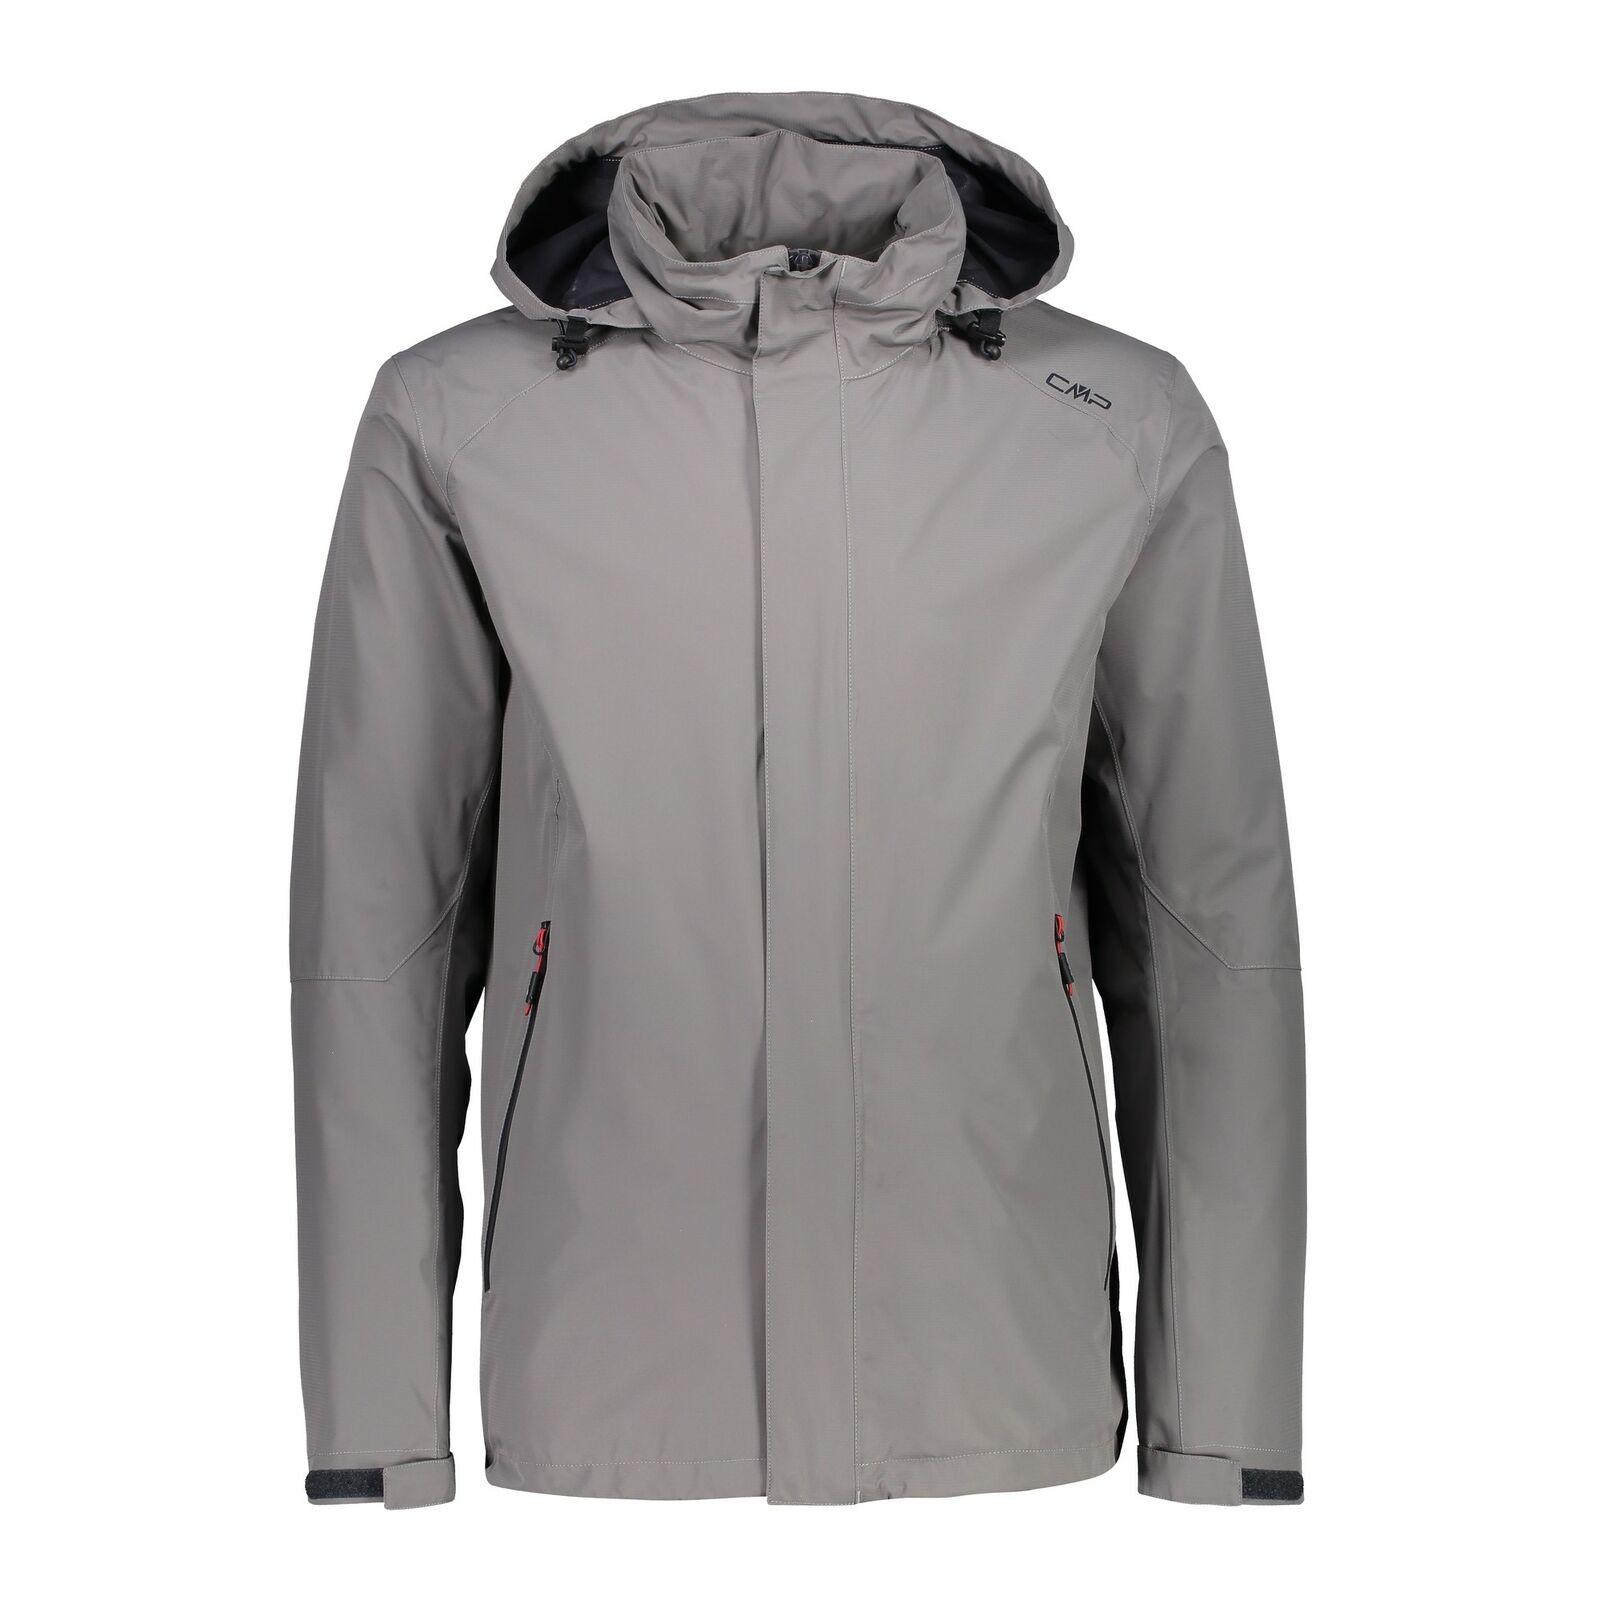 CMP hidrófuga chaqueta  Man Jacket ZIP Hood marrón viento densamente impermeable monocromo  a la venta